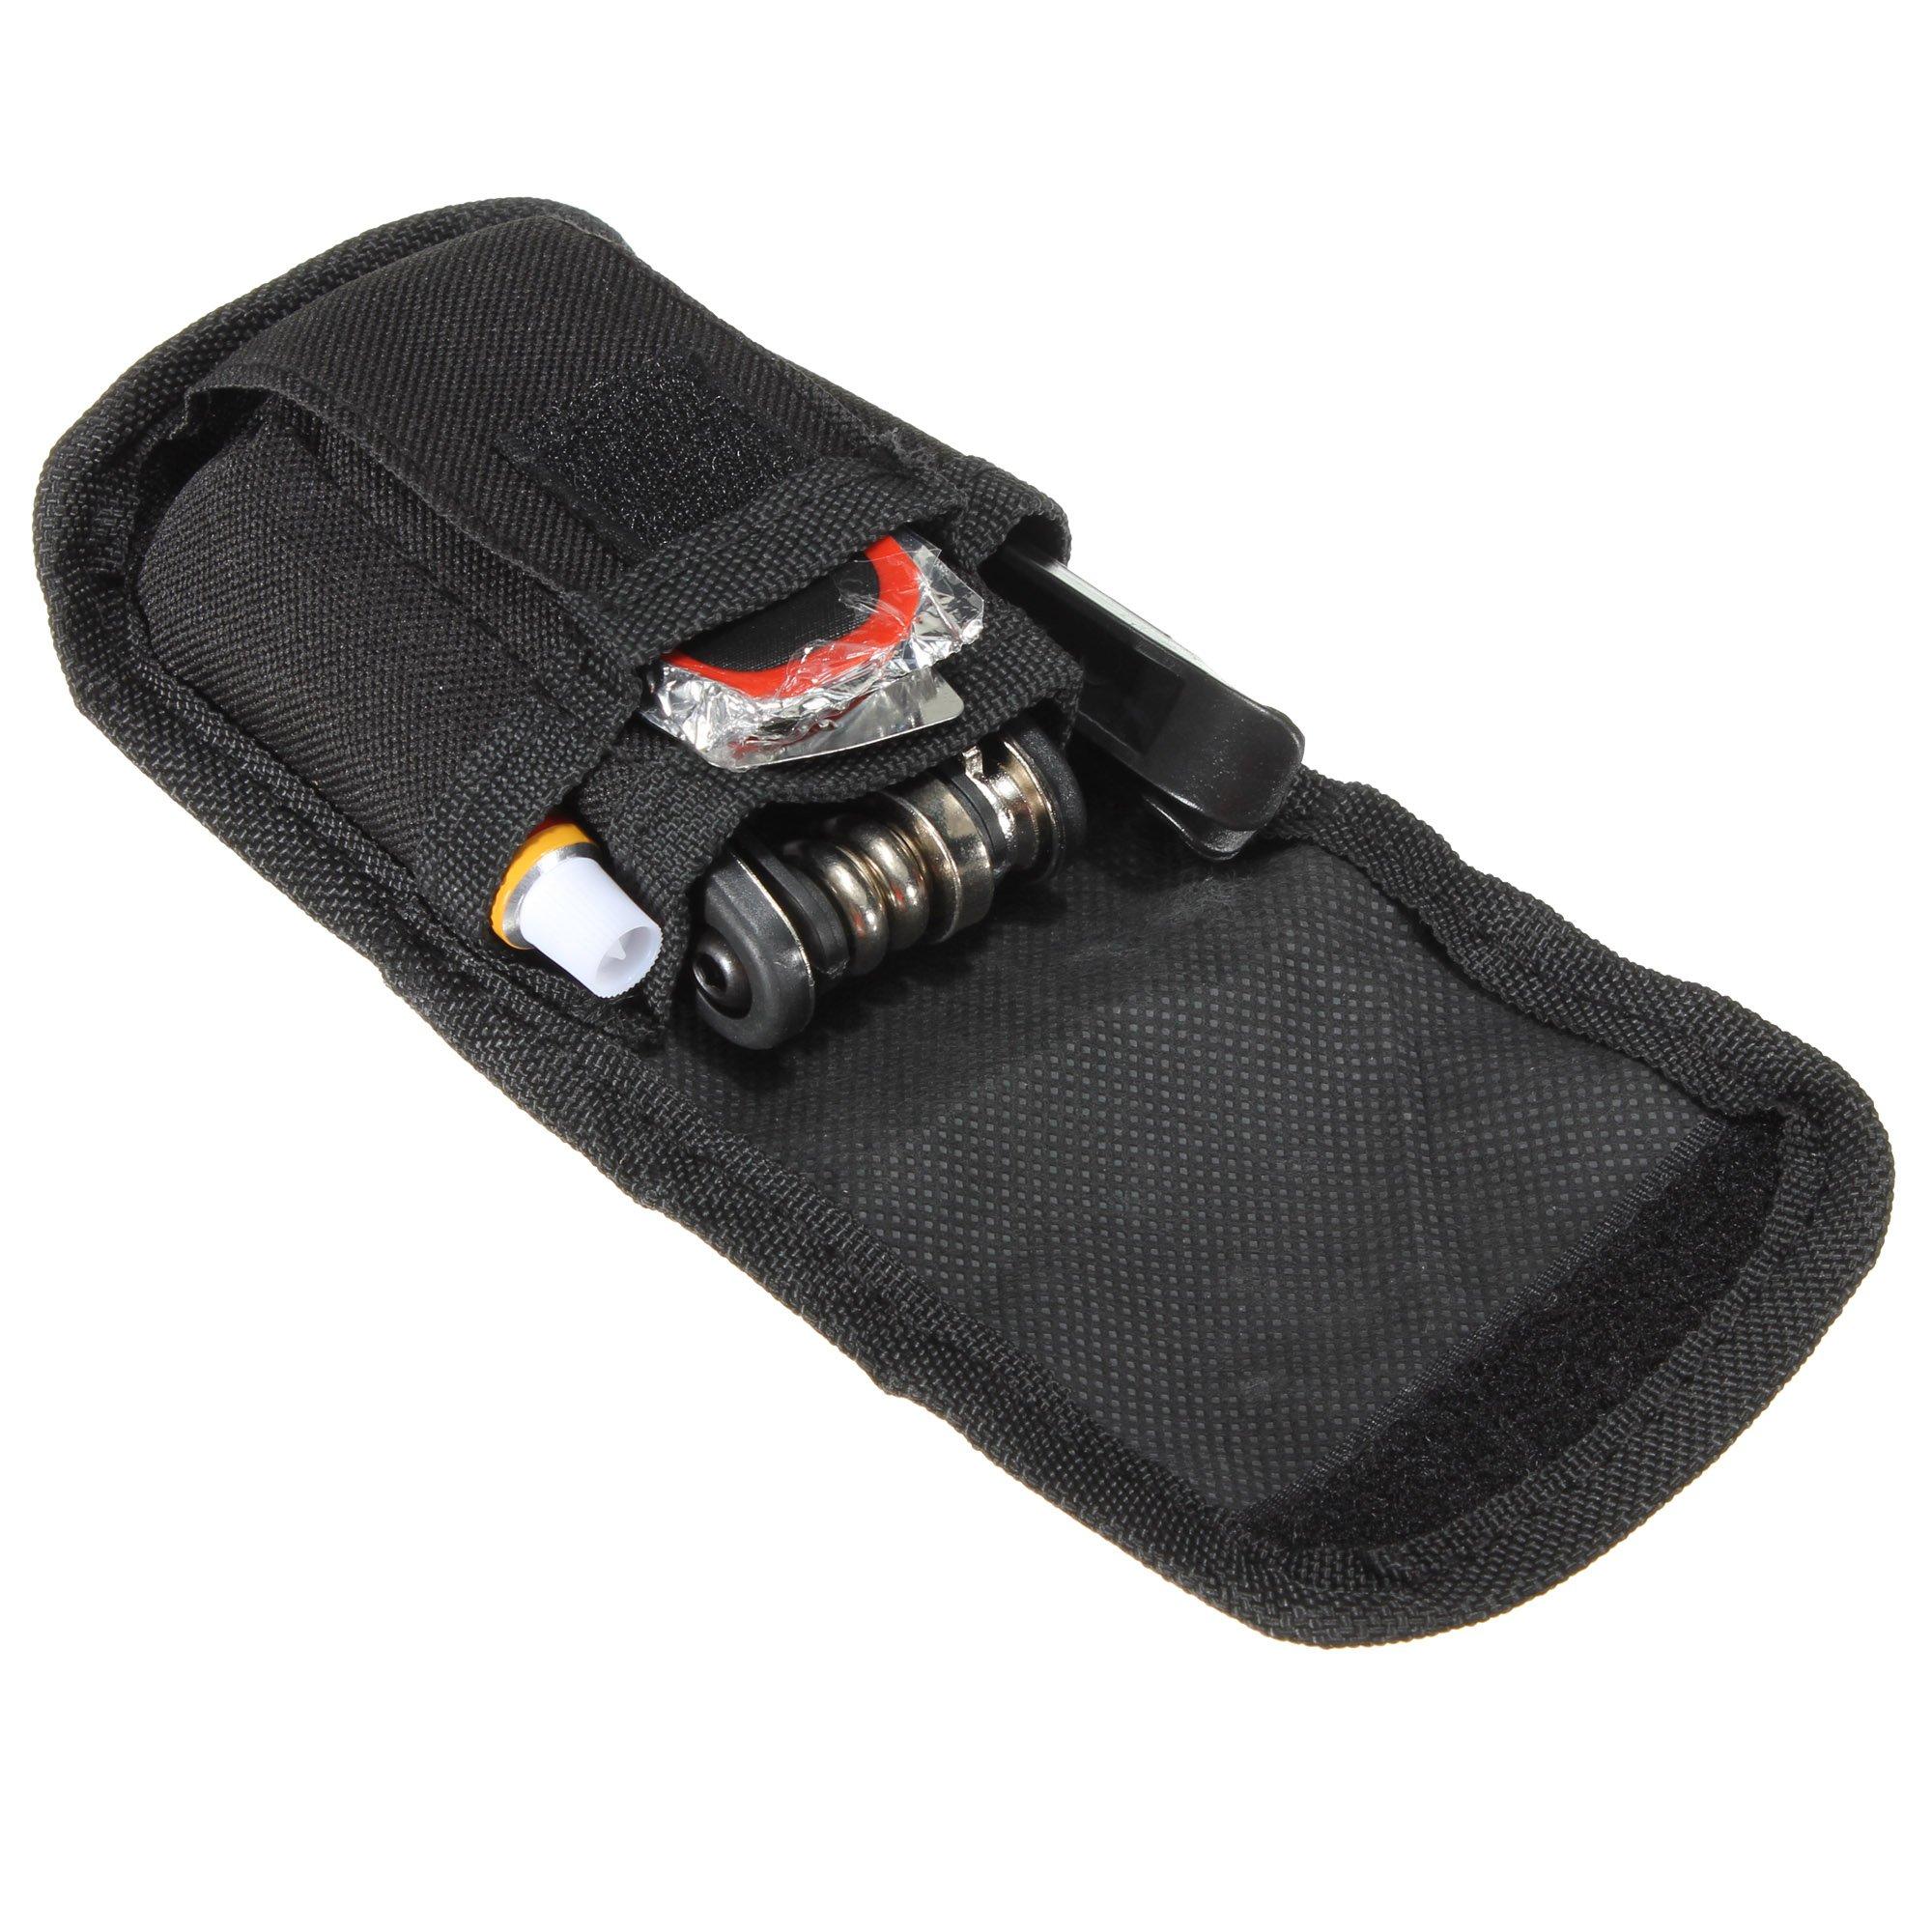 Kit de herramientas de bicicleta SAHOO, kit de reparación de neumáticos, parche de reparación + bolsillo